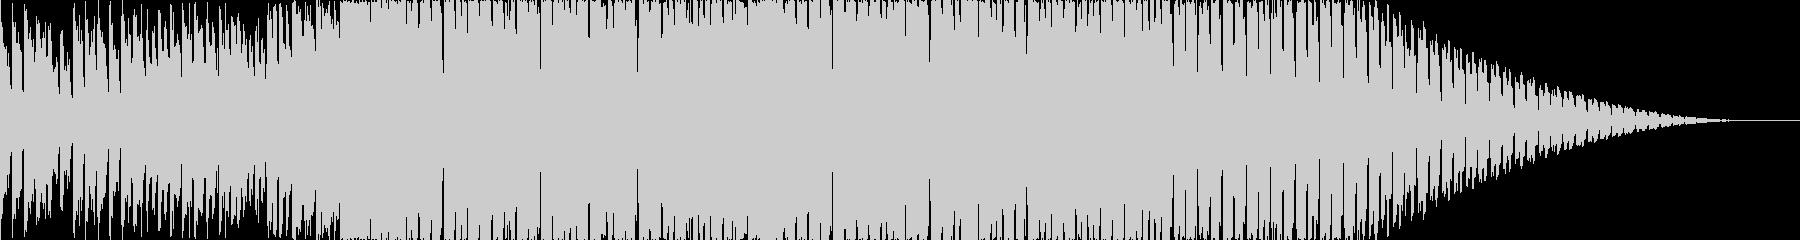 明るくかわいいハードコアEDMの未再生の波形